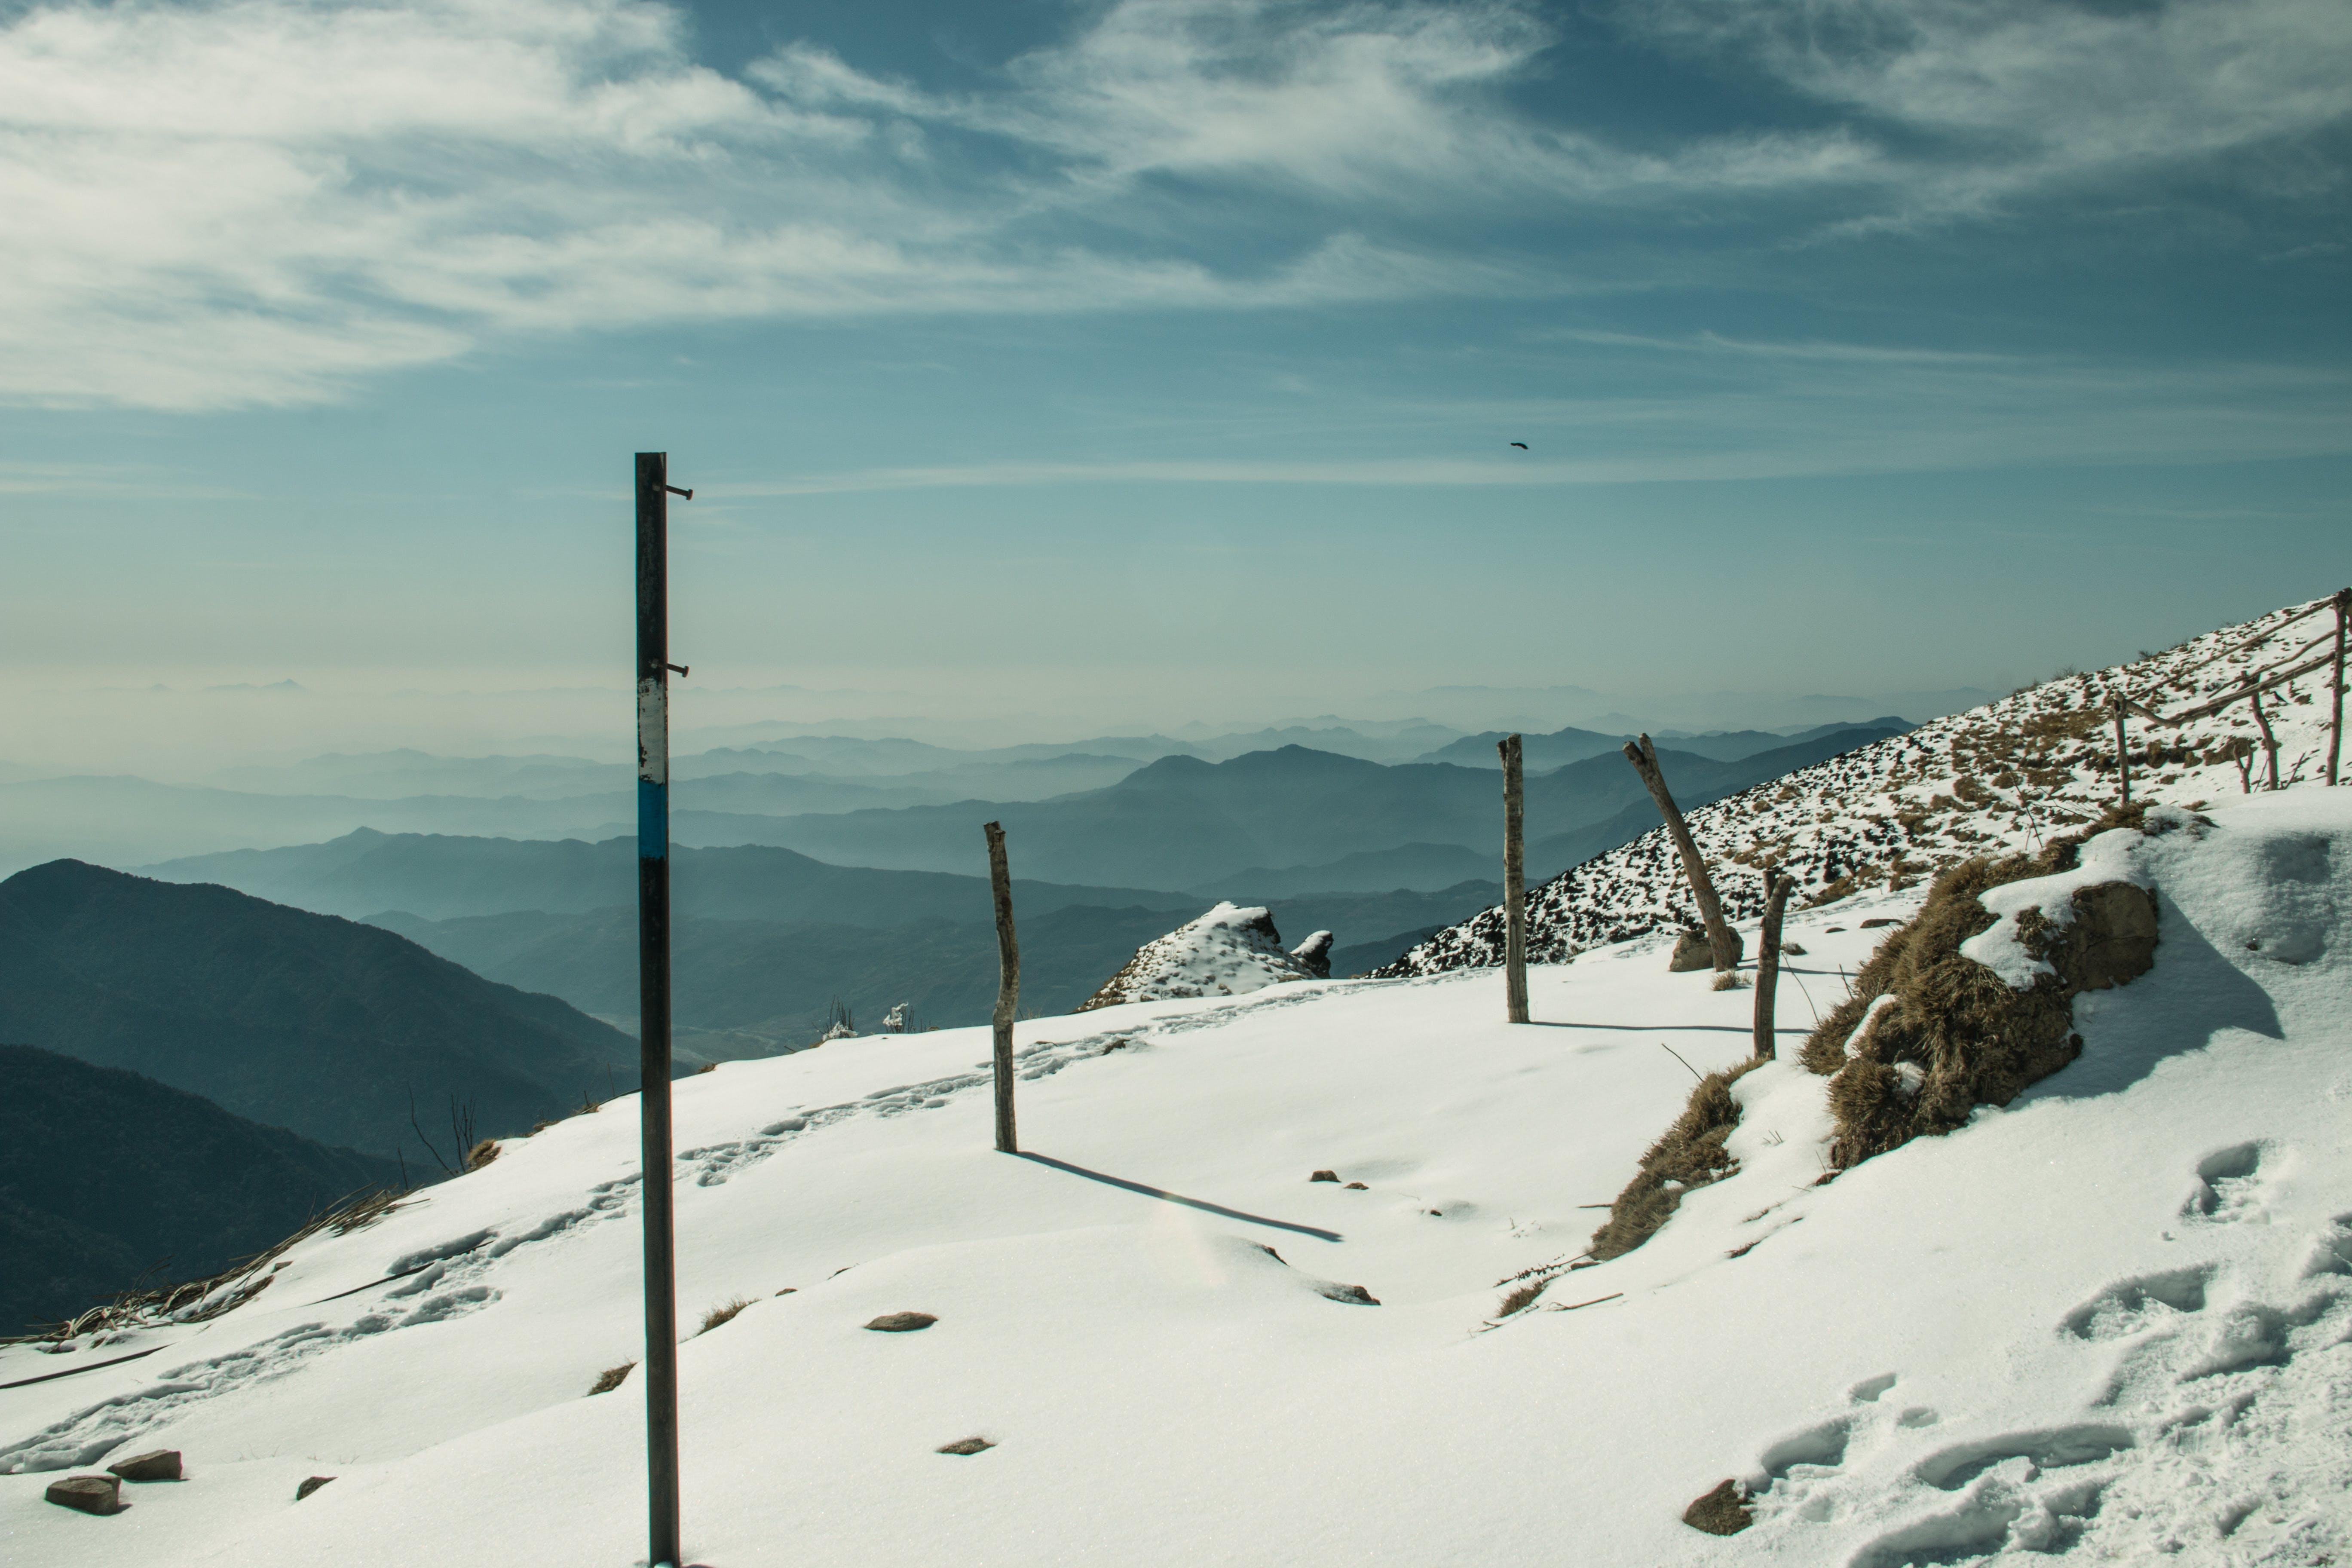 下雪的, 冬季, 冷, 天空 的 免費圖庫相片